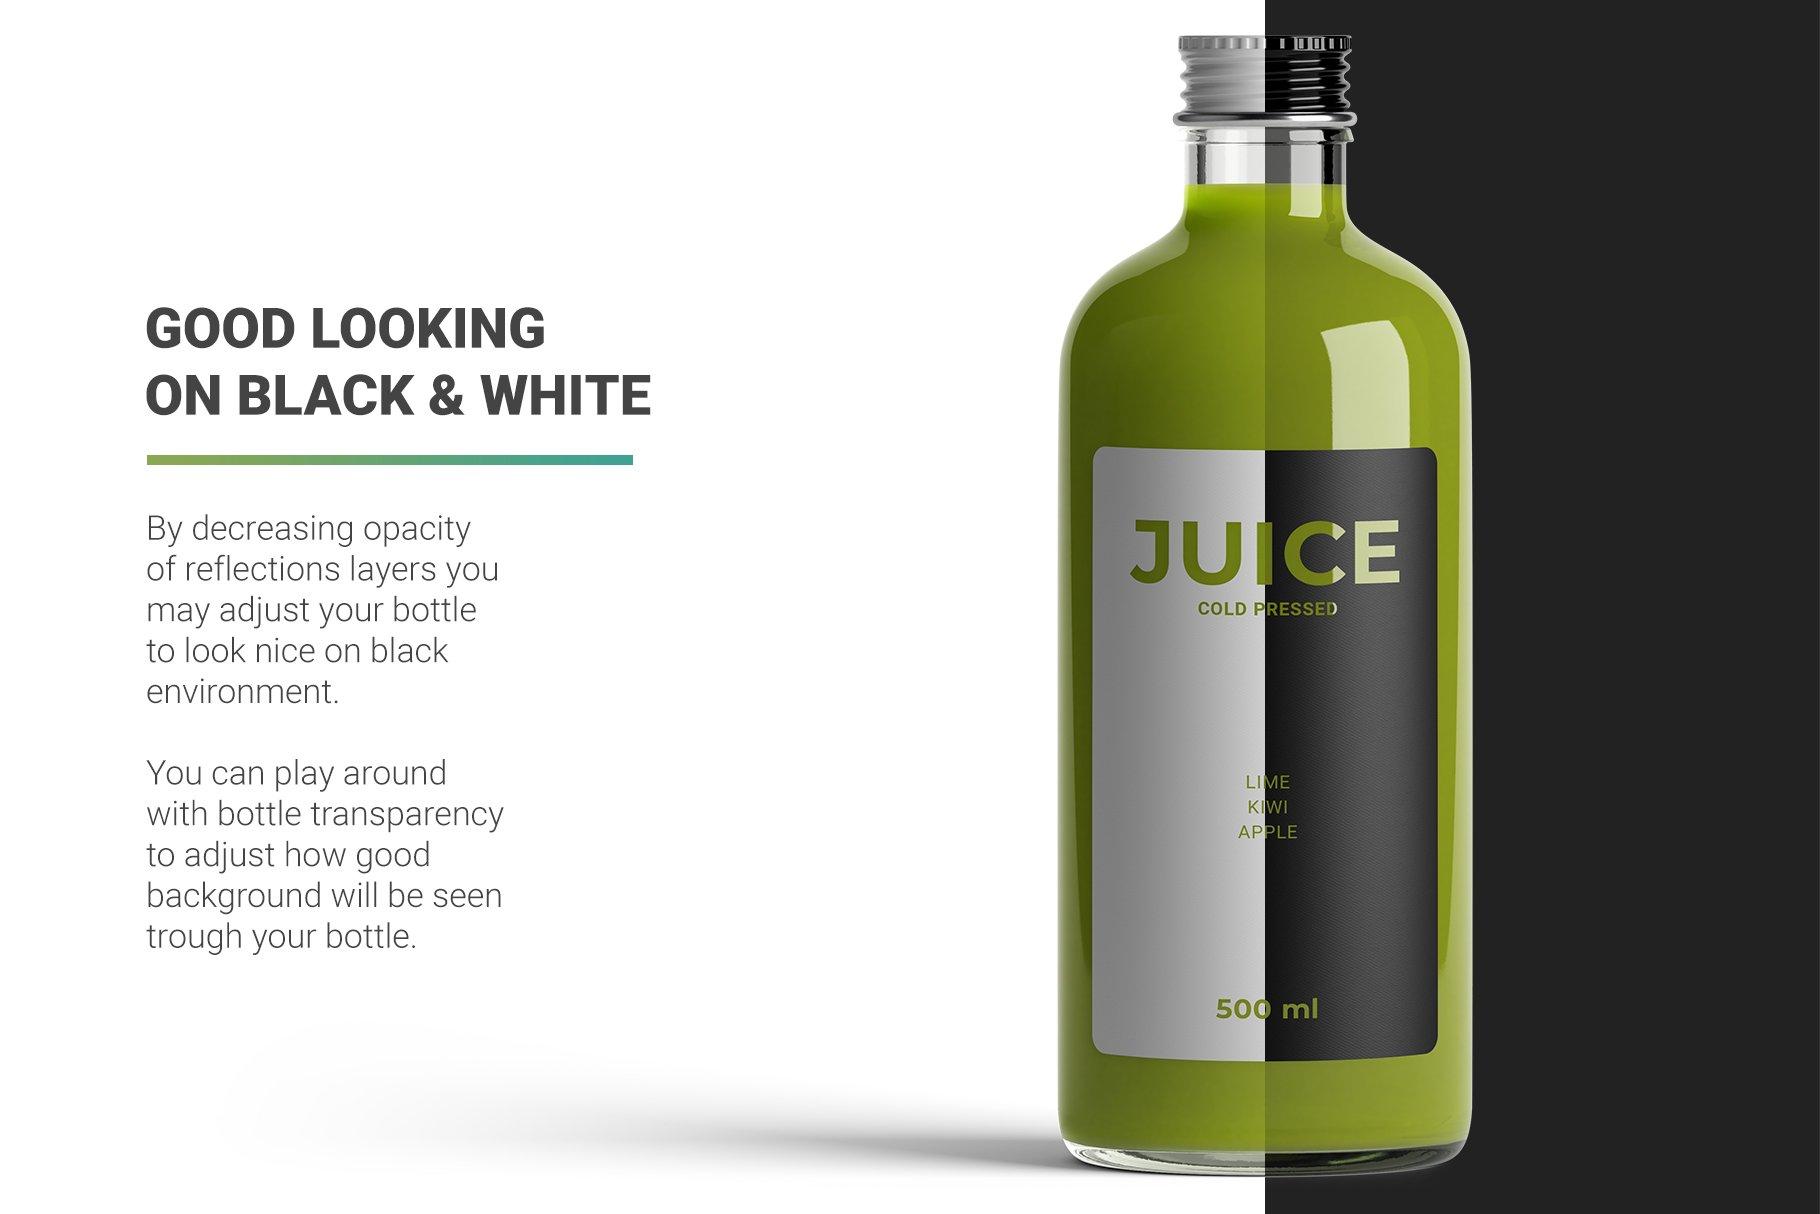 透明果汁玻璃瓶设计展示样机 Juice Bottle Mockup插图(2)